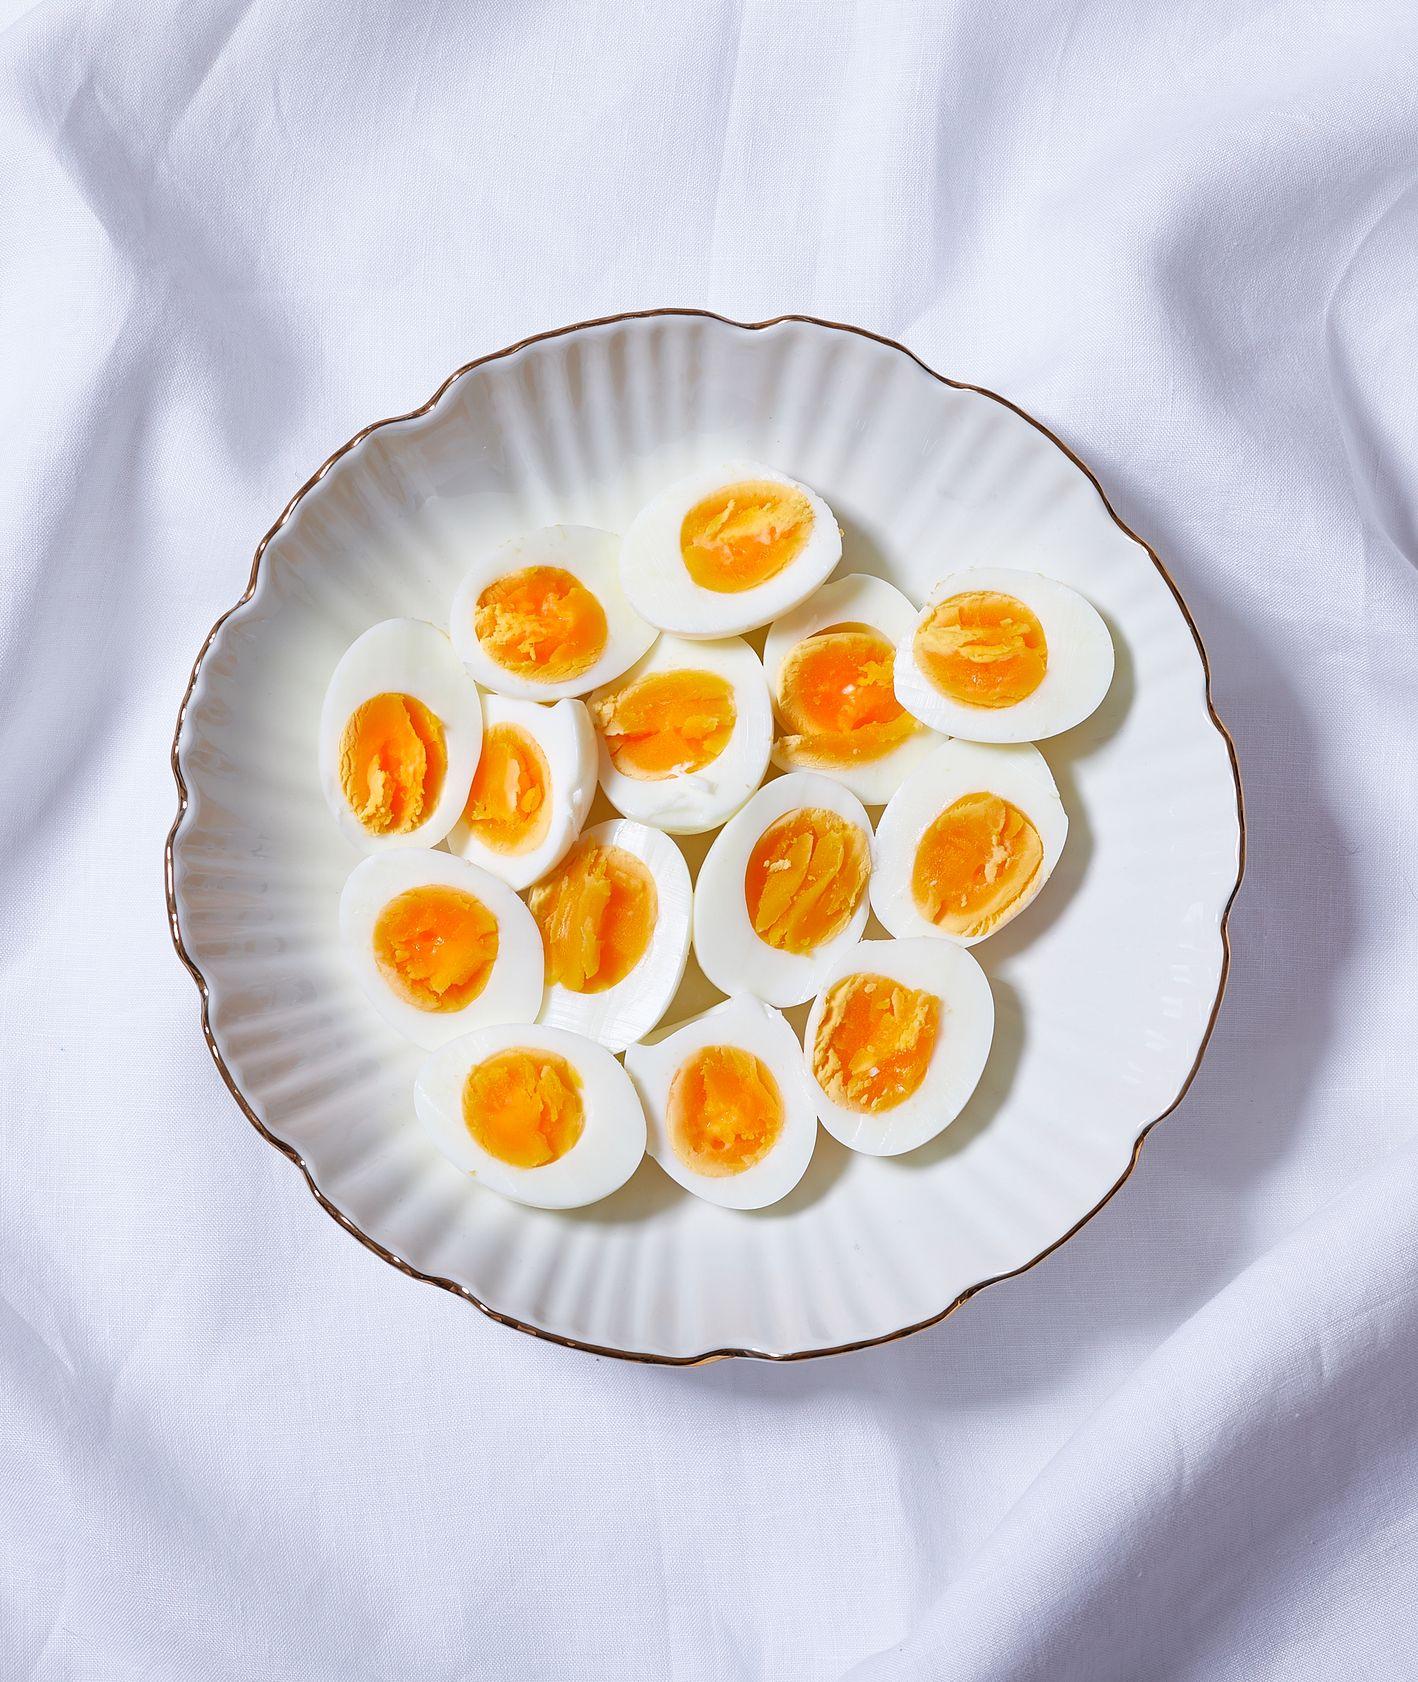 14 połówek jajek idealnie ugotowanych na twardo (fot. Maciek Niemojewski)